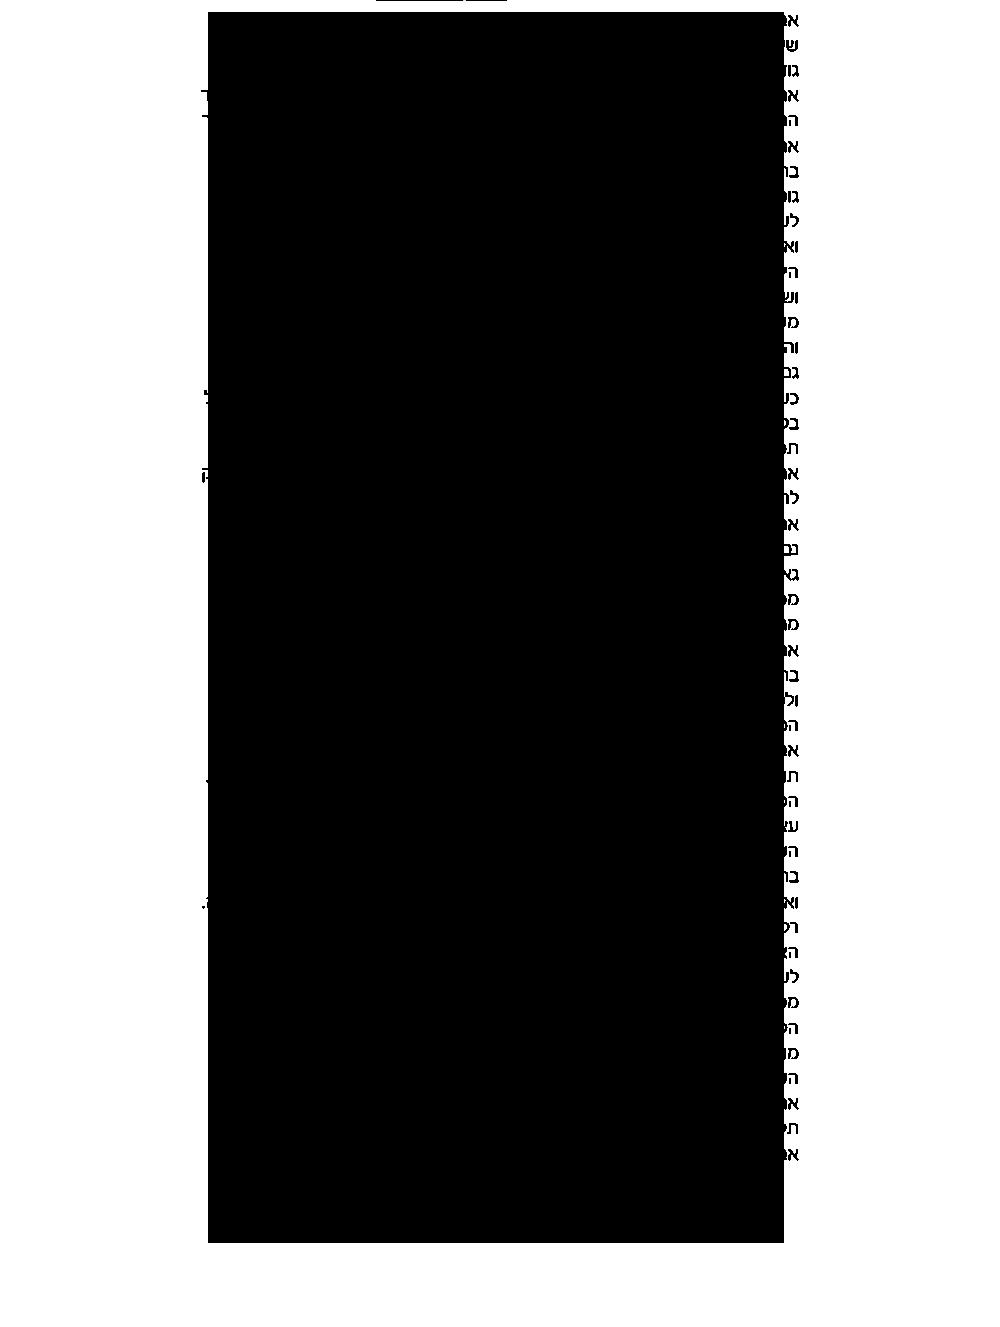 טקסט על יוסף לייכטר